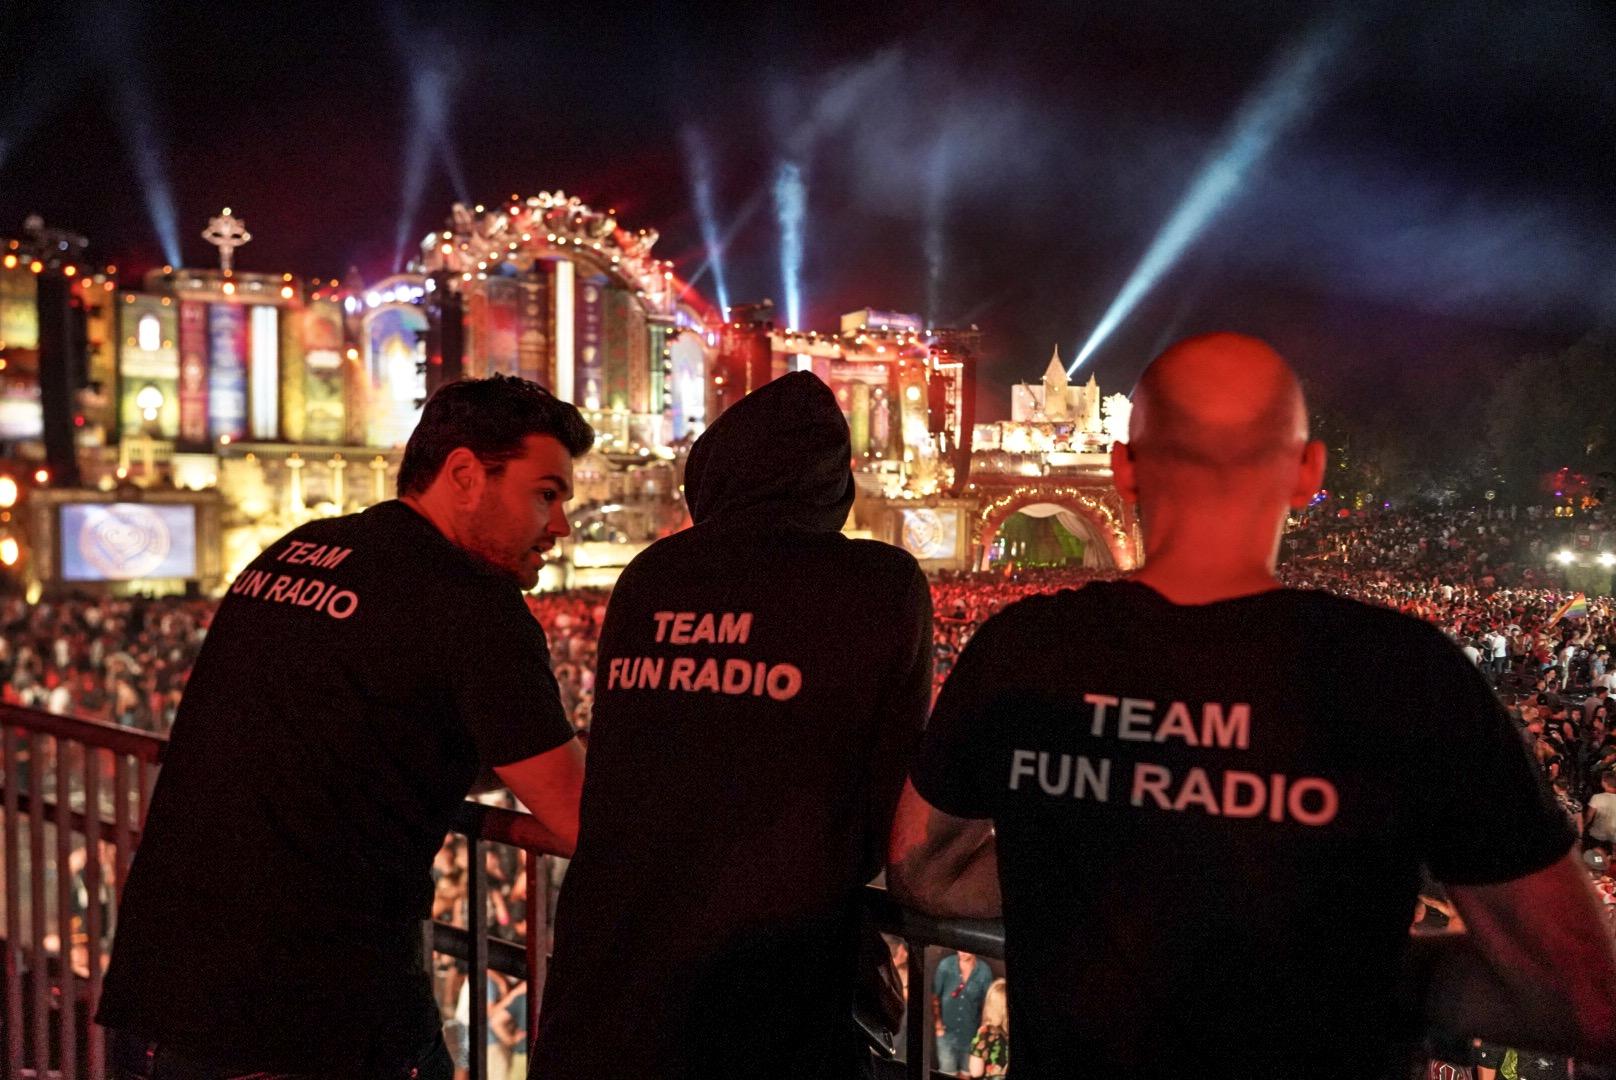 La Team Fun Radio sur la Mainstage de Tomorrowland